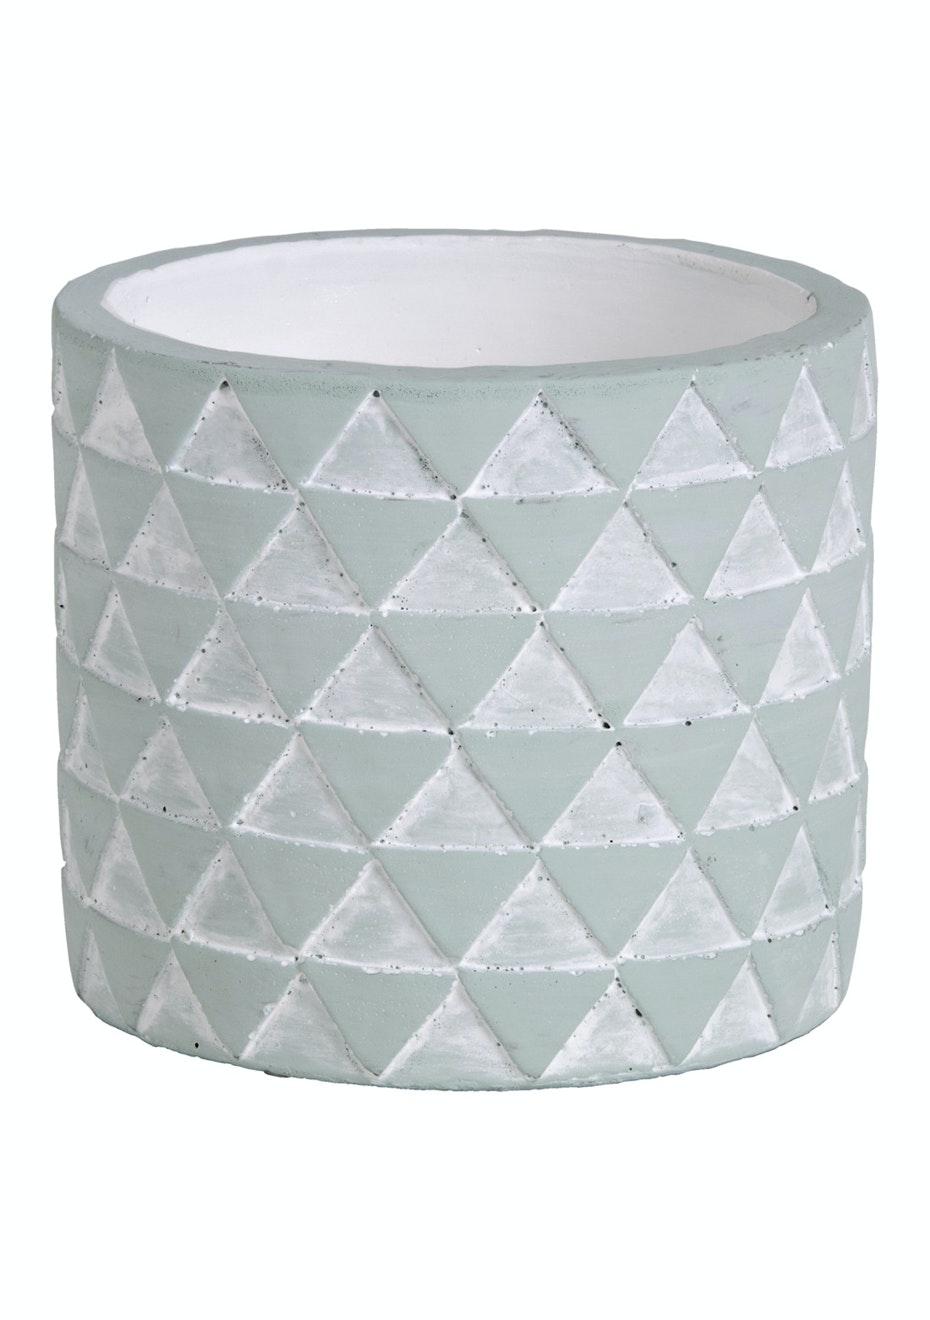 Jason - Concrete Triangles Planter - Mint